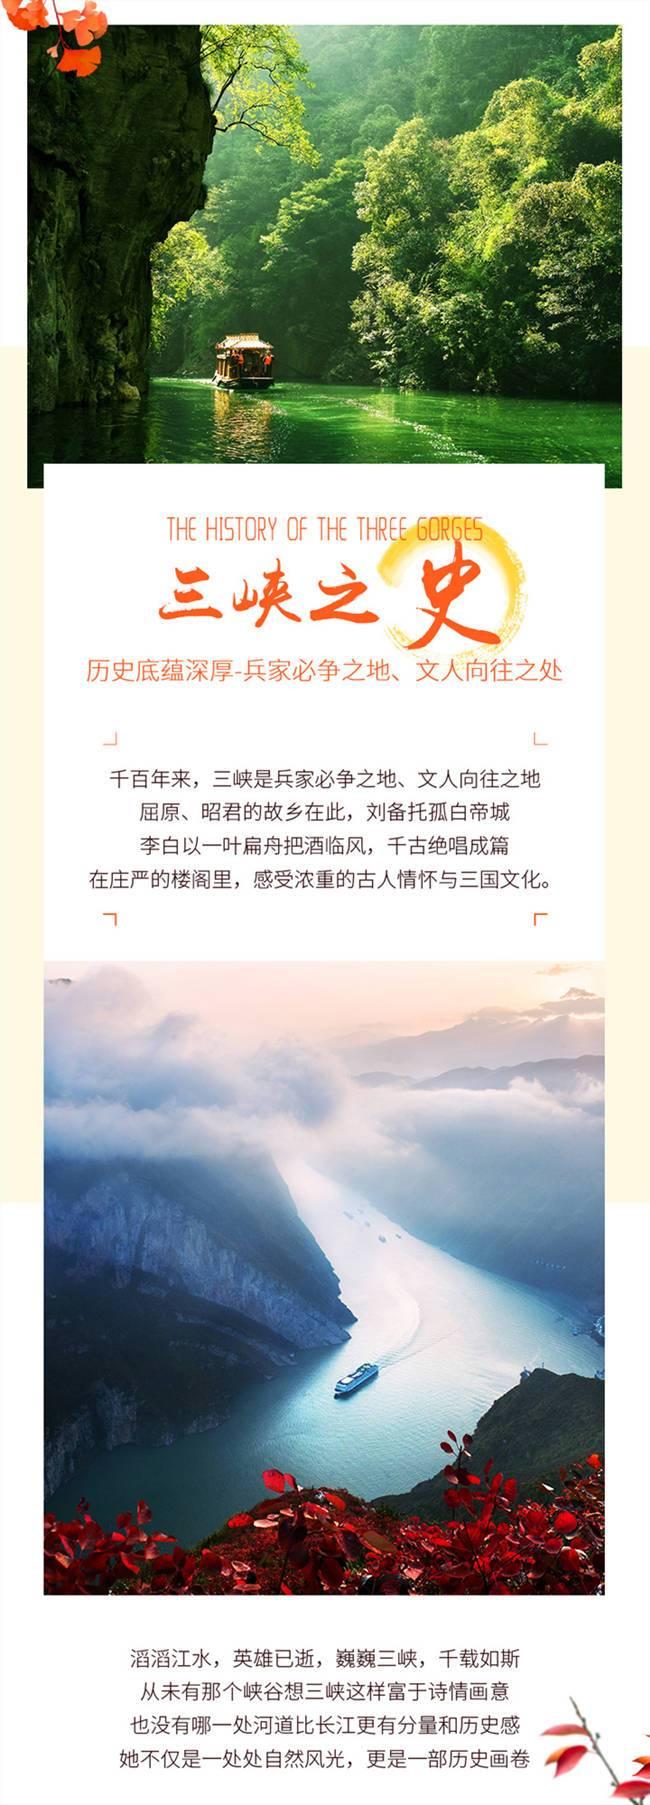 三峡红叶【五五户外】